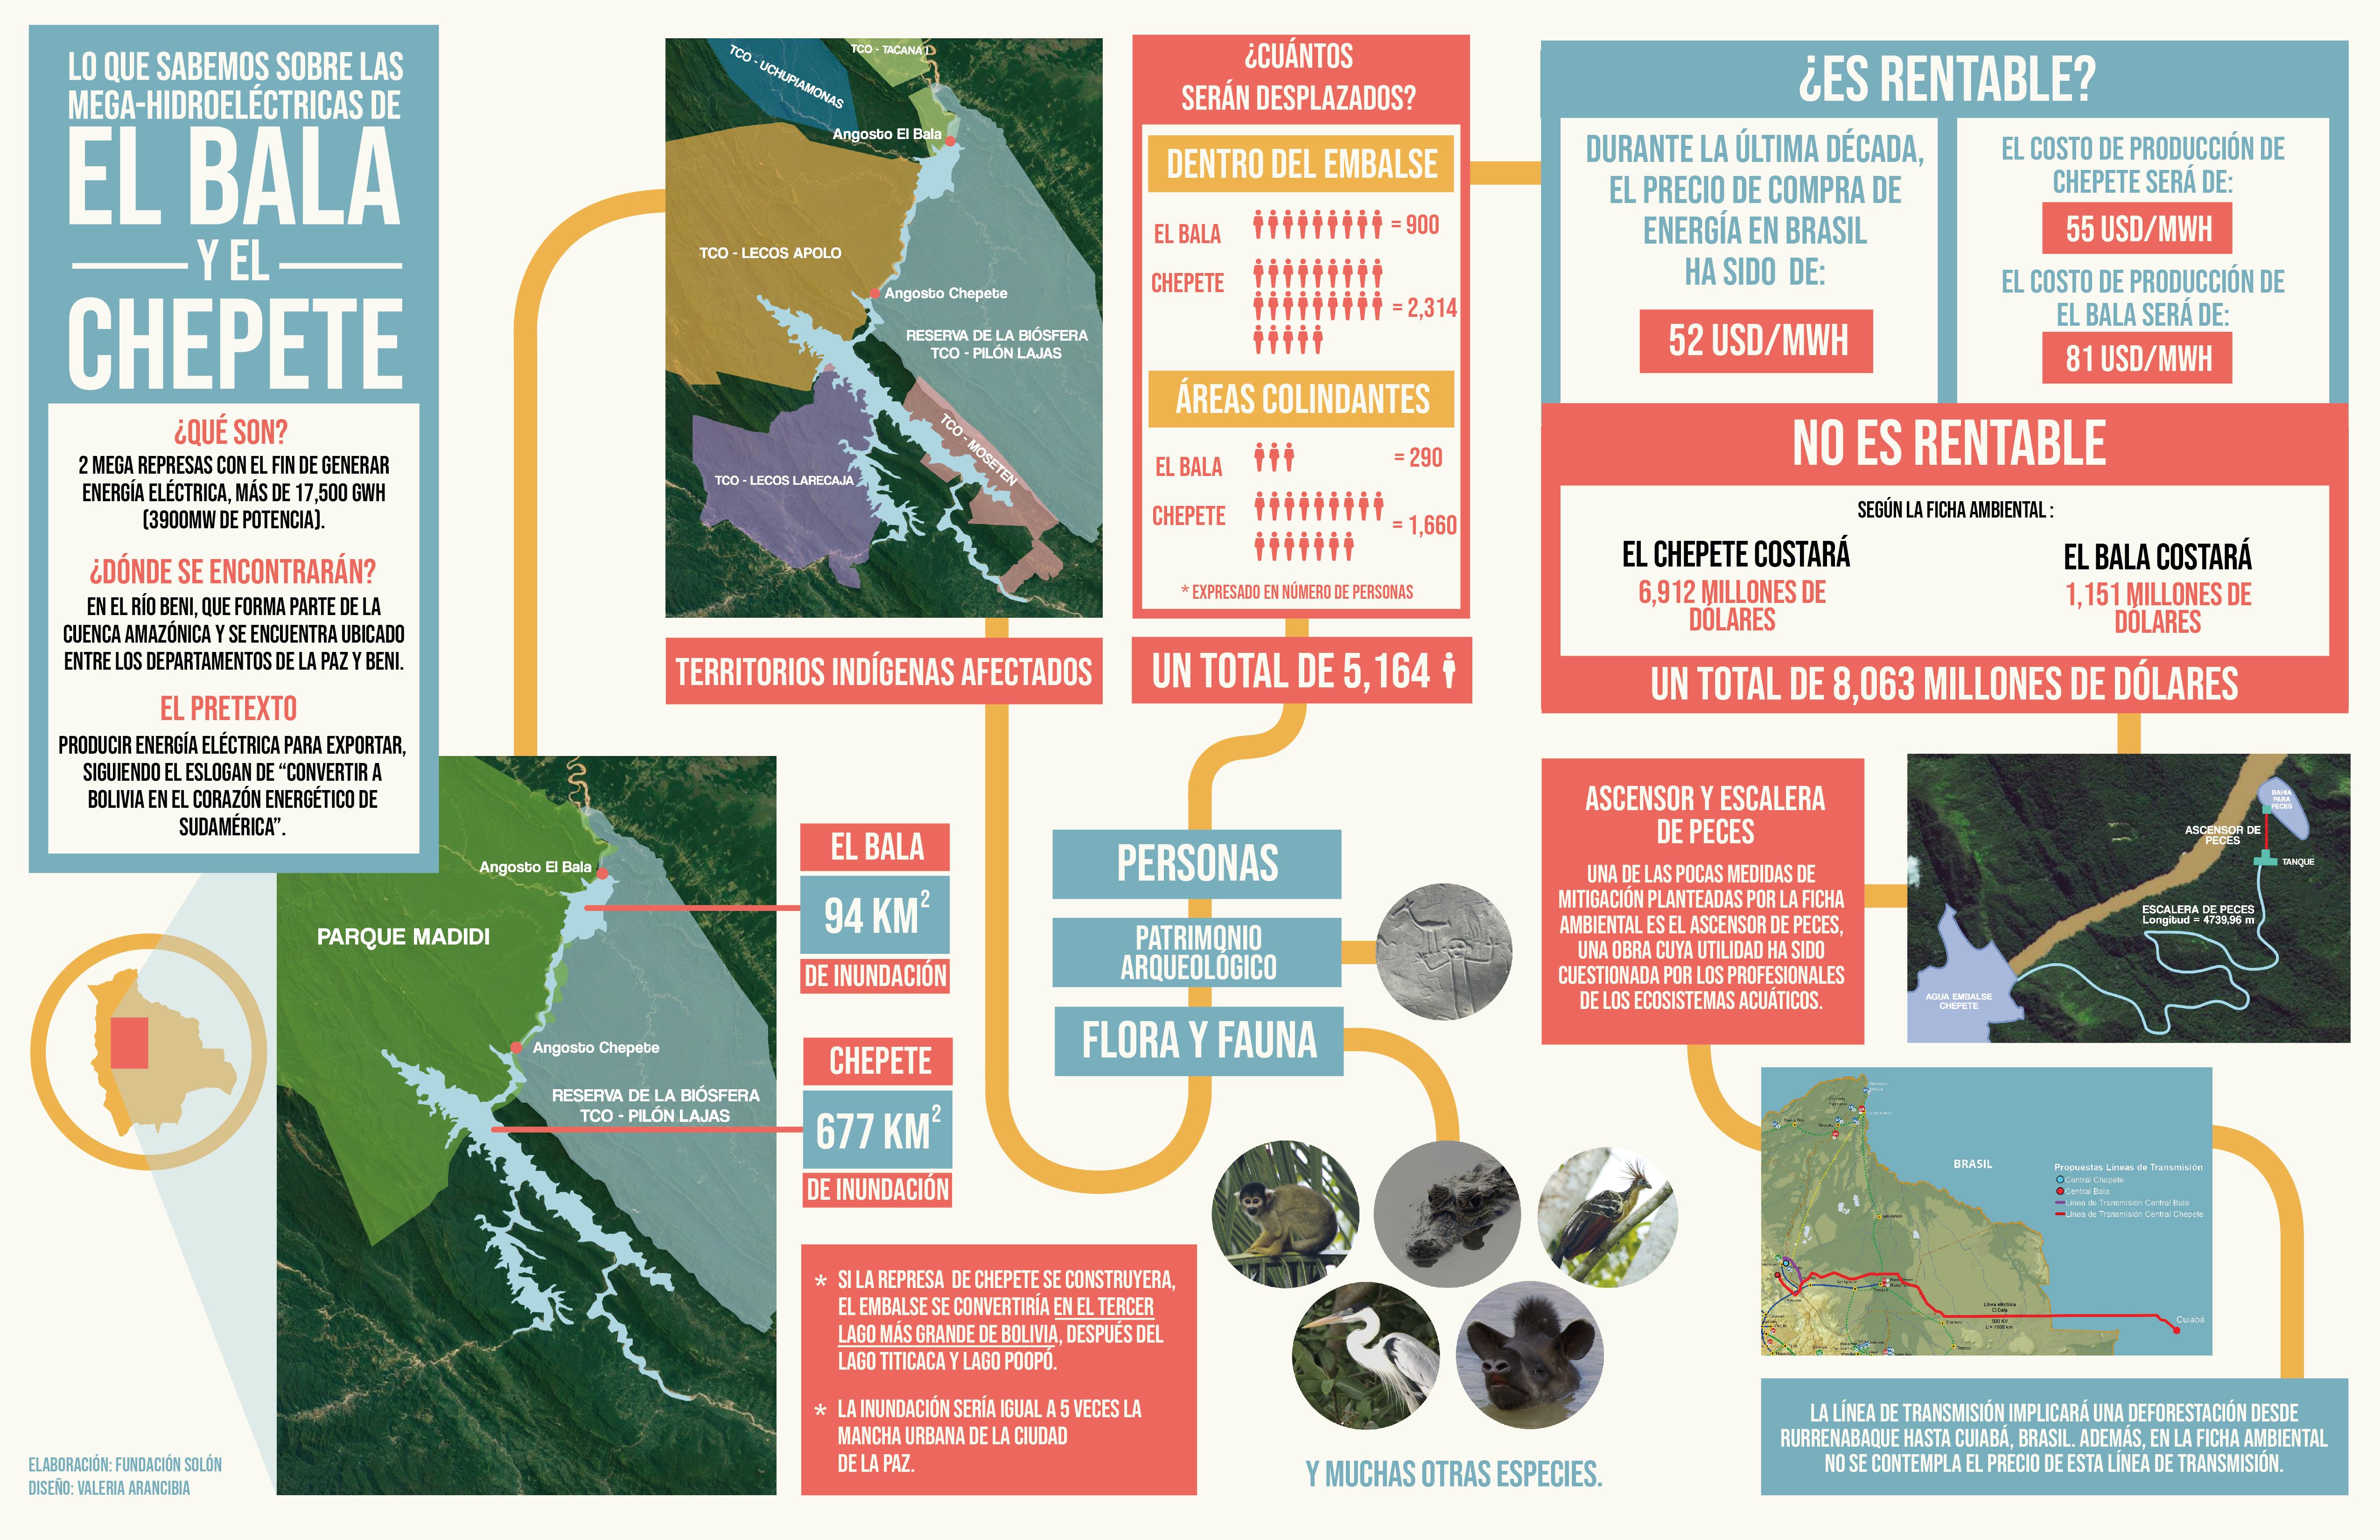 infografia BALA CHEPETE-01